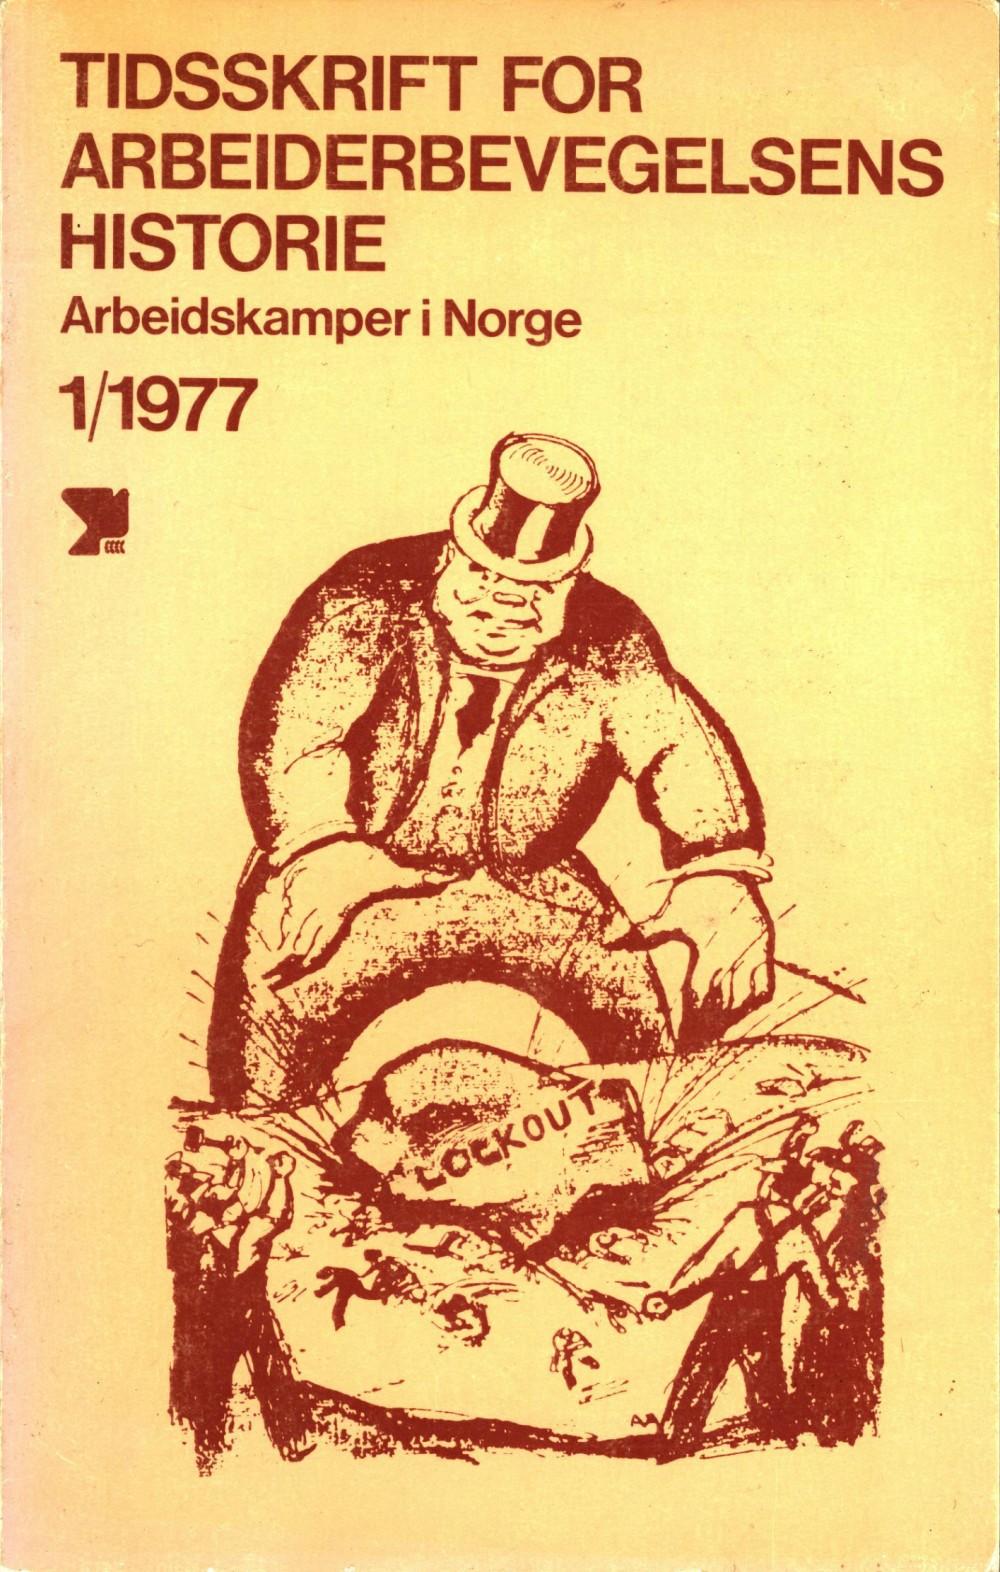 Tidsskrift for arbeiderbevegelsens historie - nr. 1 1977